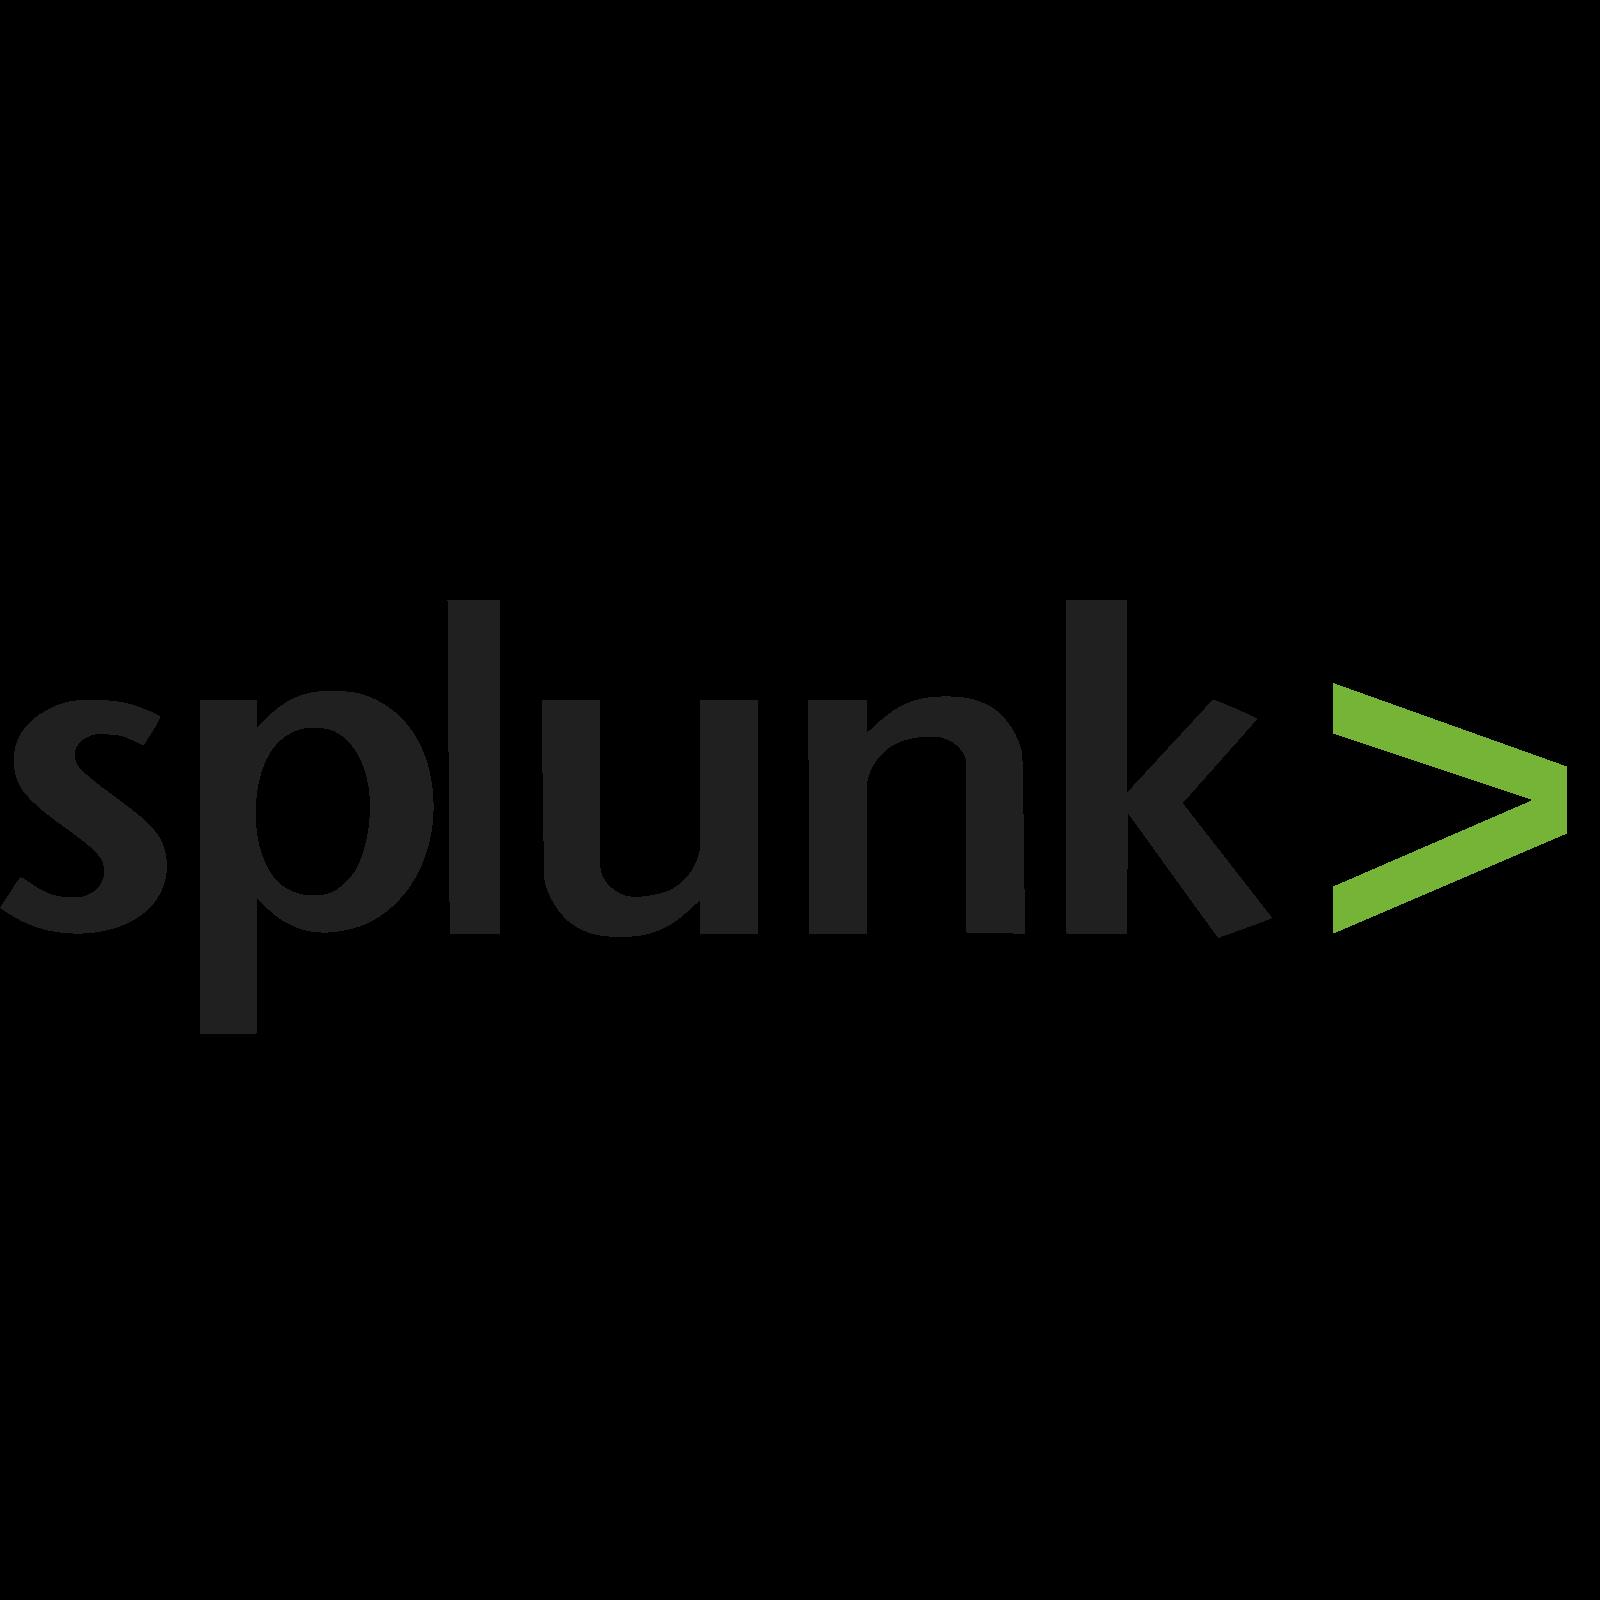 clip free stock Vector contains logo. Splunk icono descarga gratuita